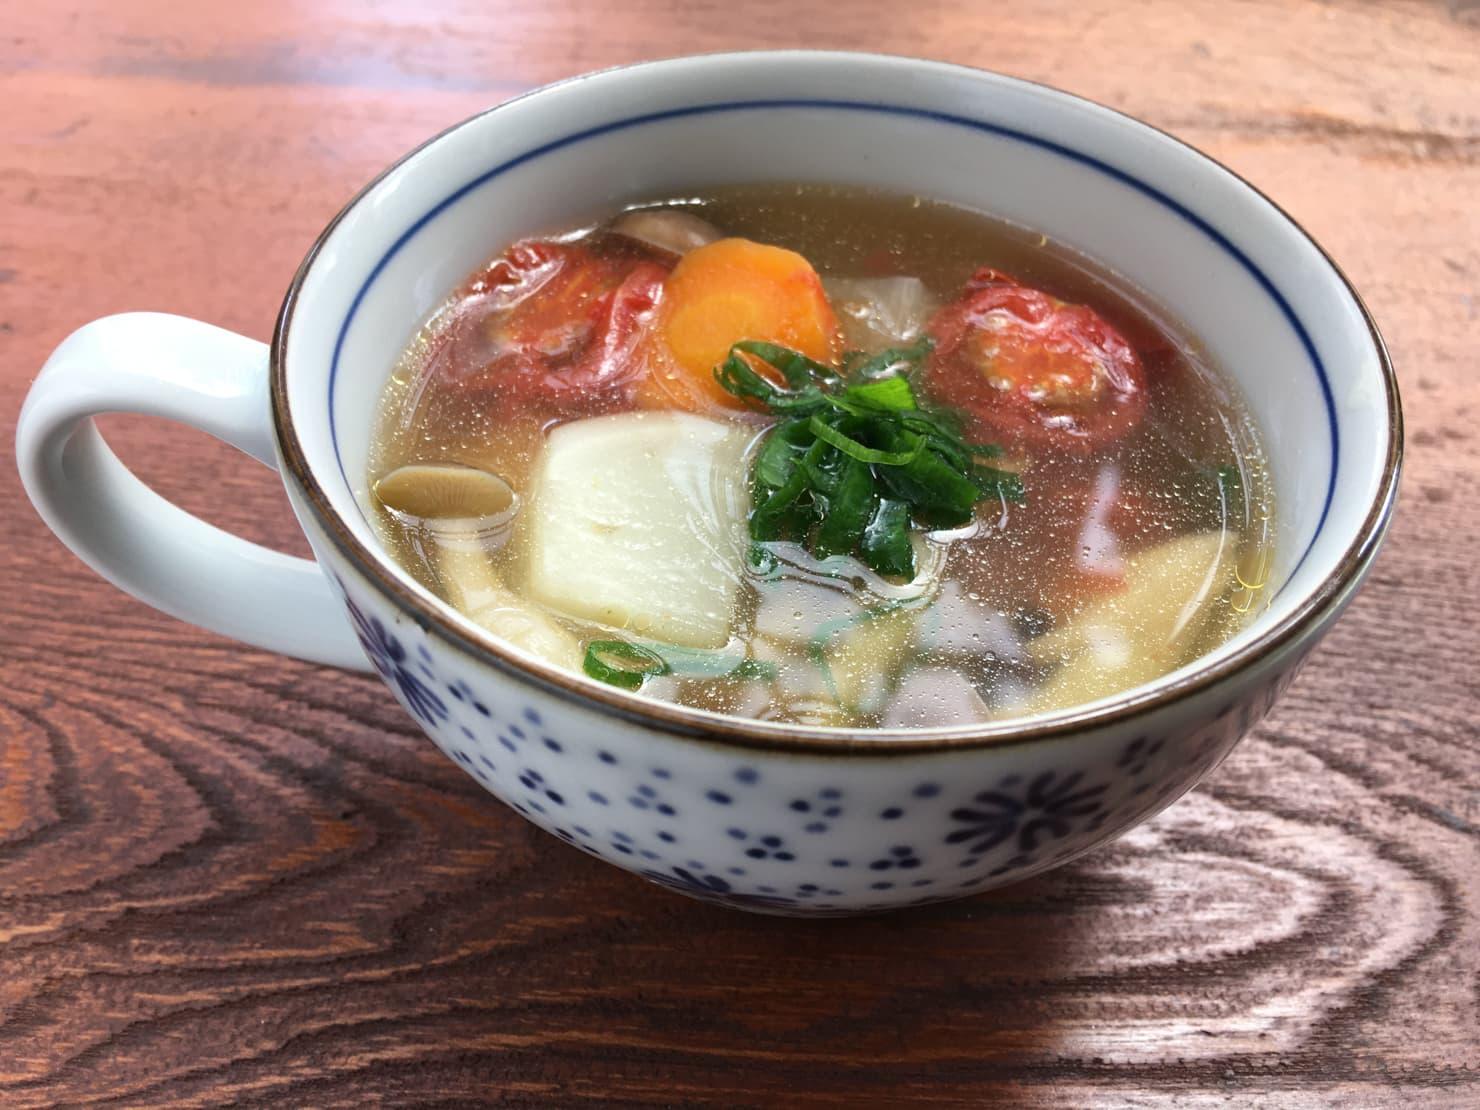 丸ごとたまねぎポトフを野菜スープにリメイクした写真